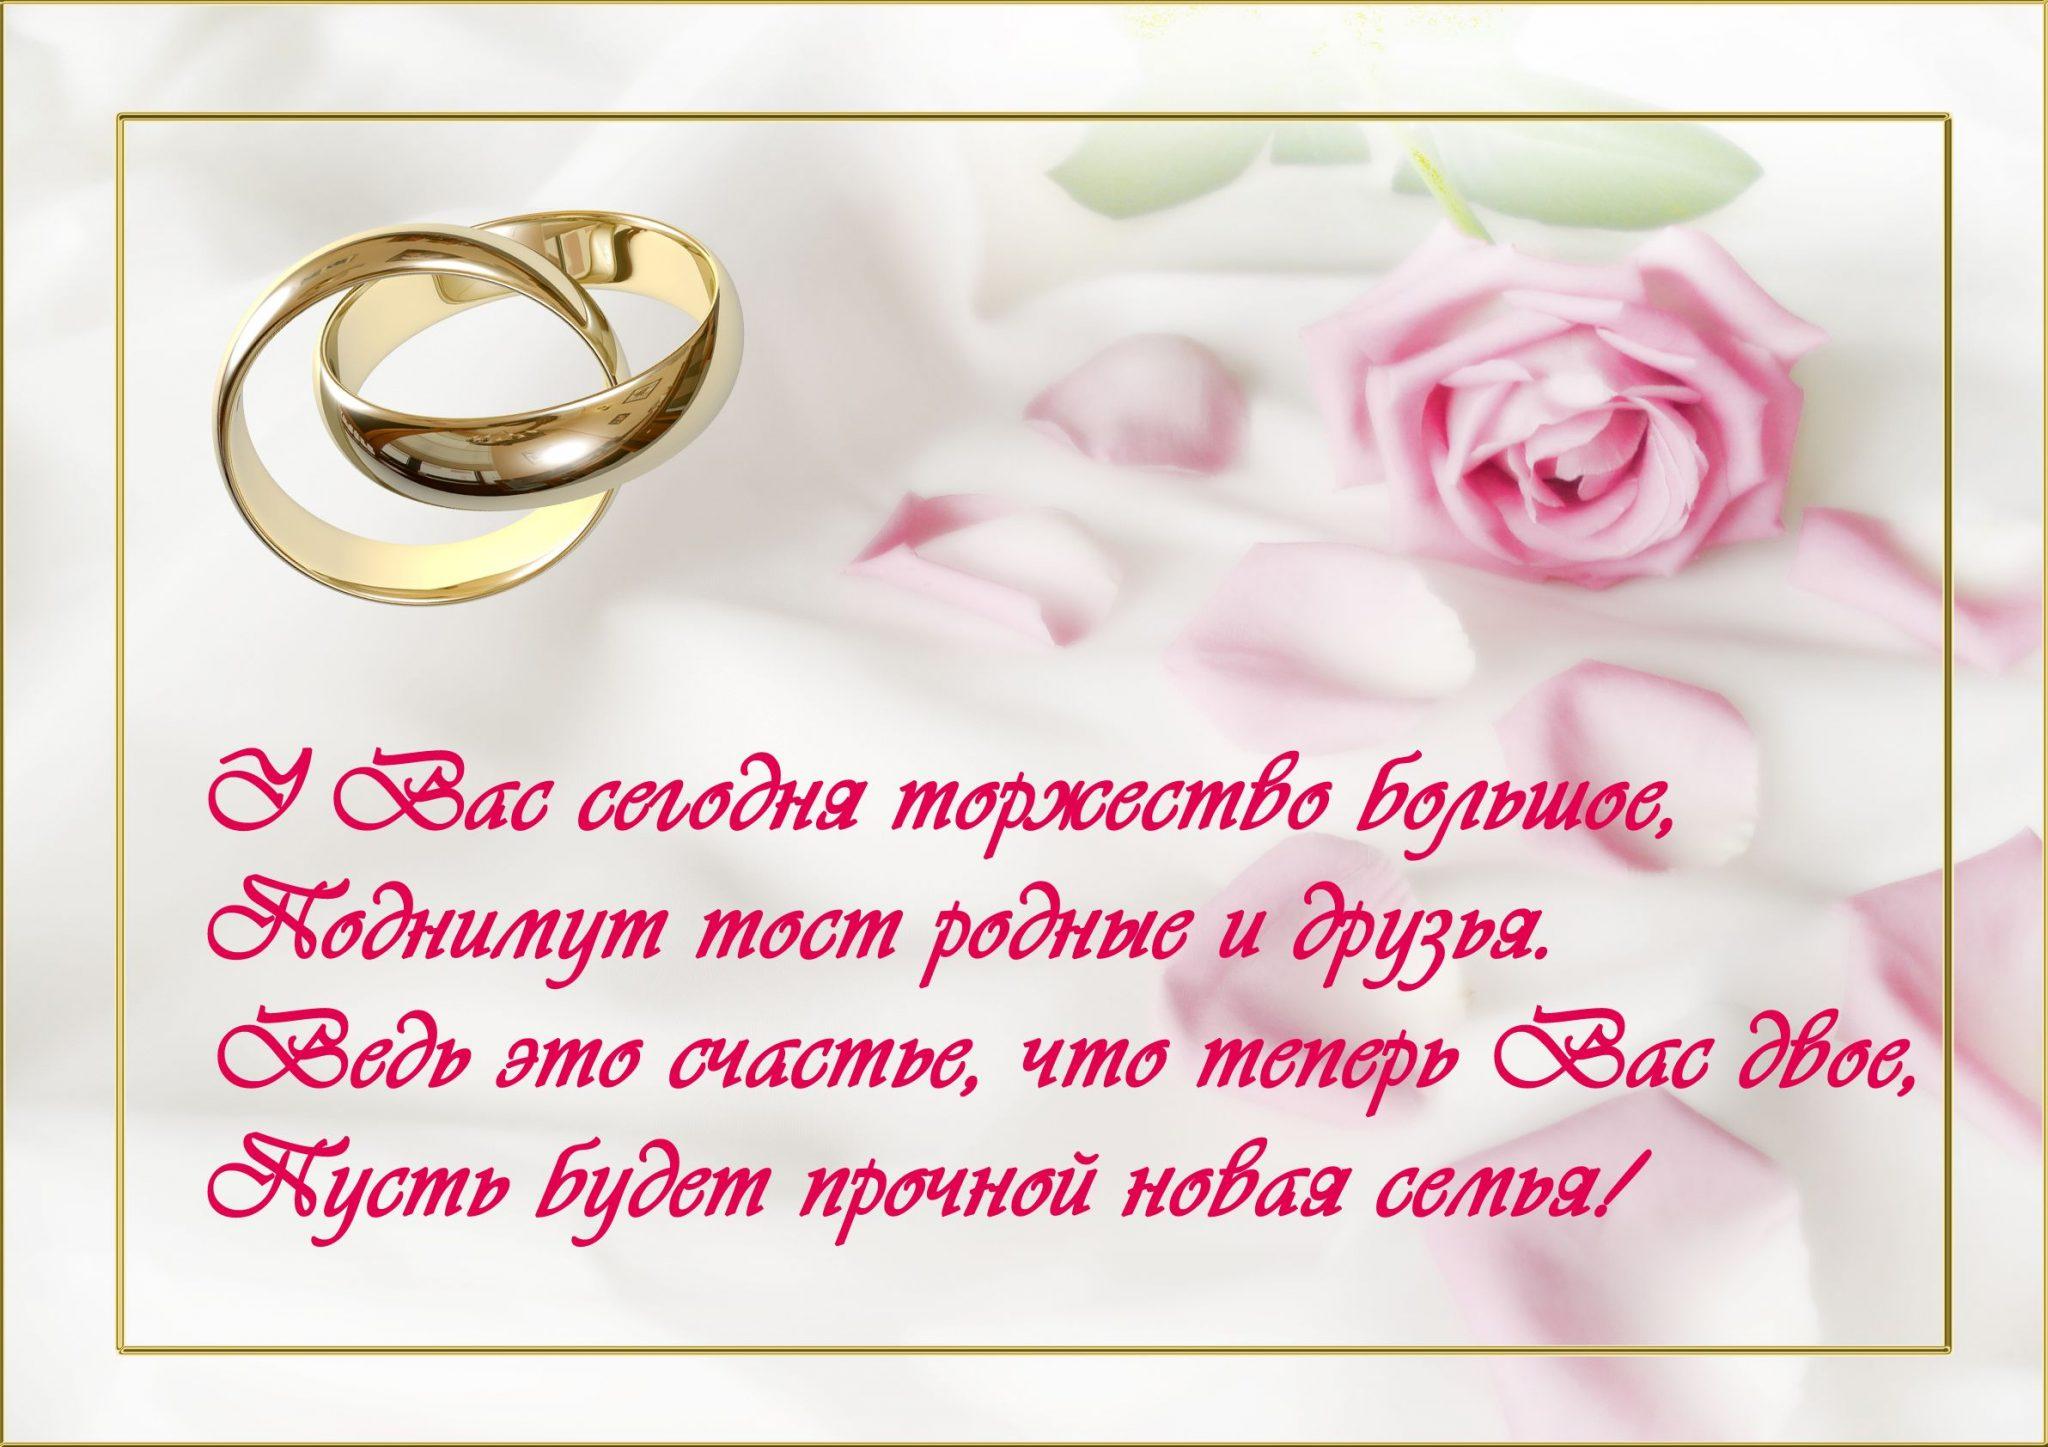 Тосты и поздравления на свадьбе прикольные